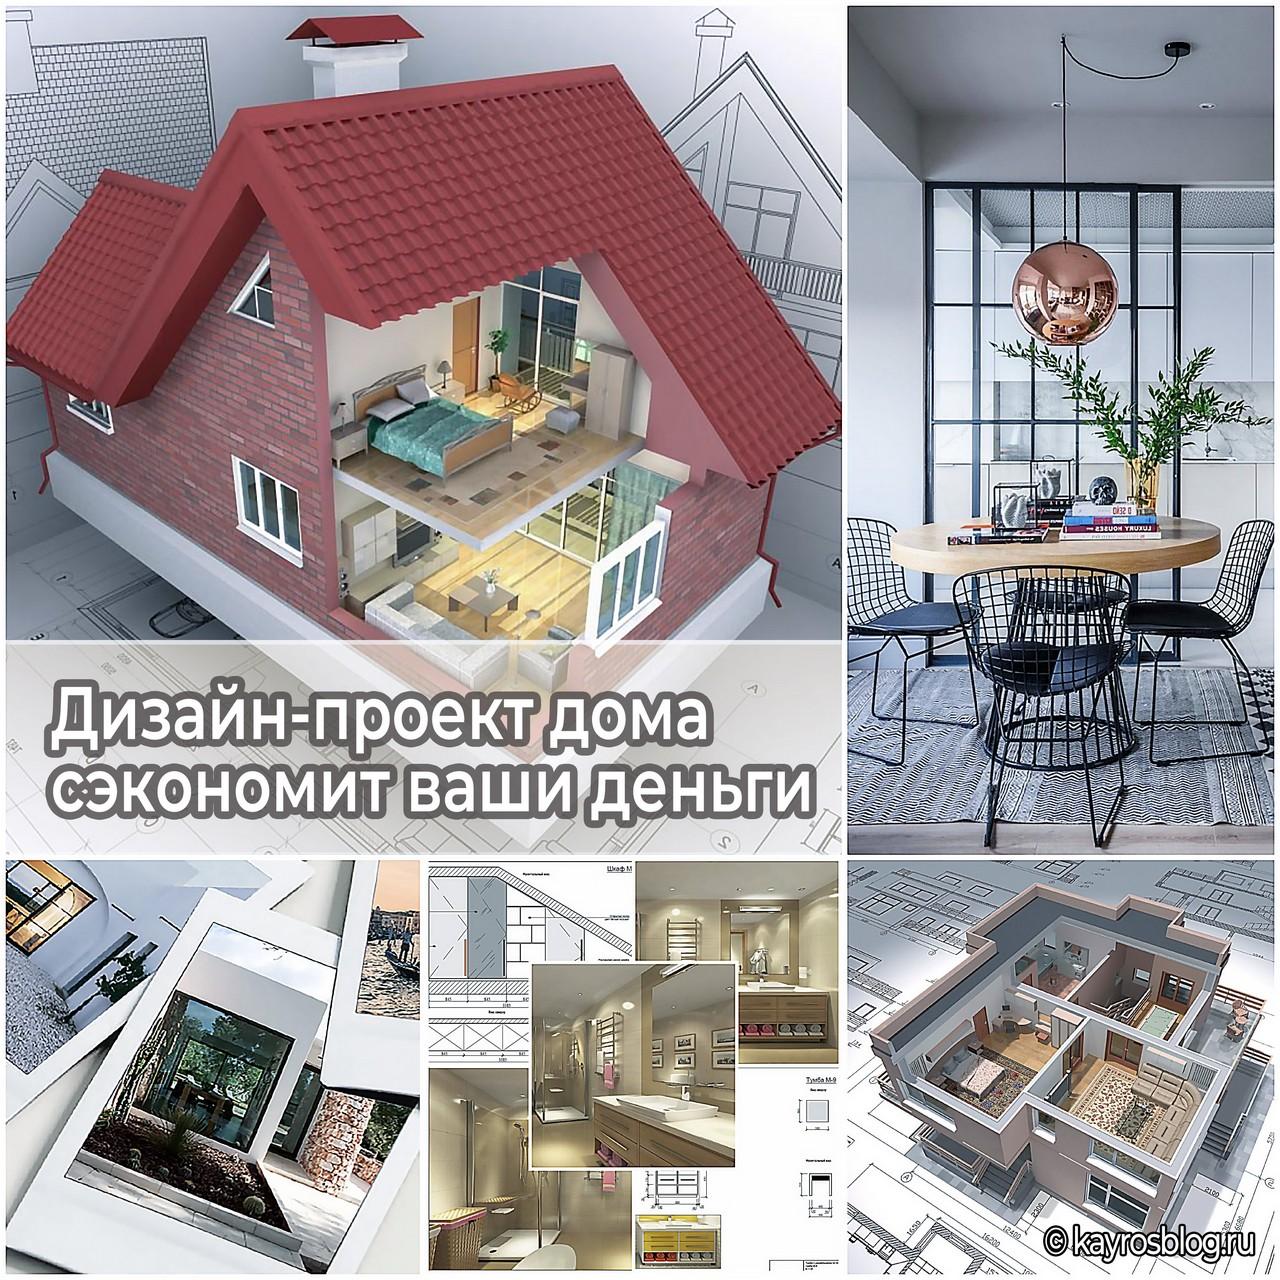 Дизайн-проект дома сэкономит ваши деньги